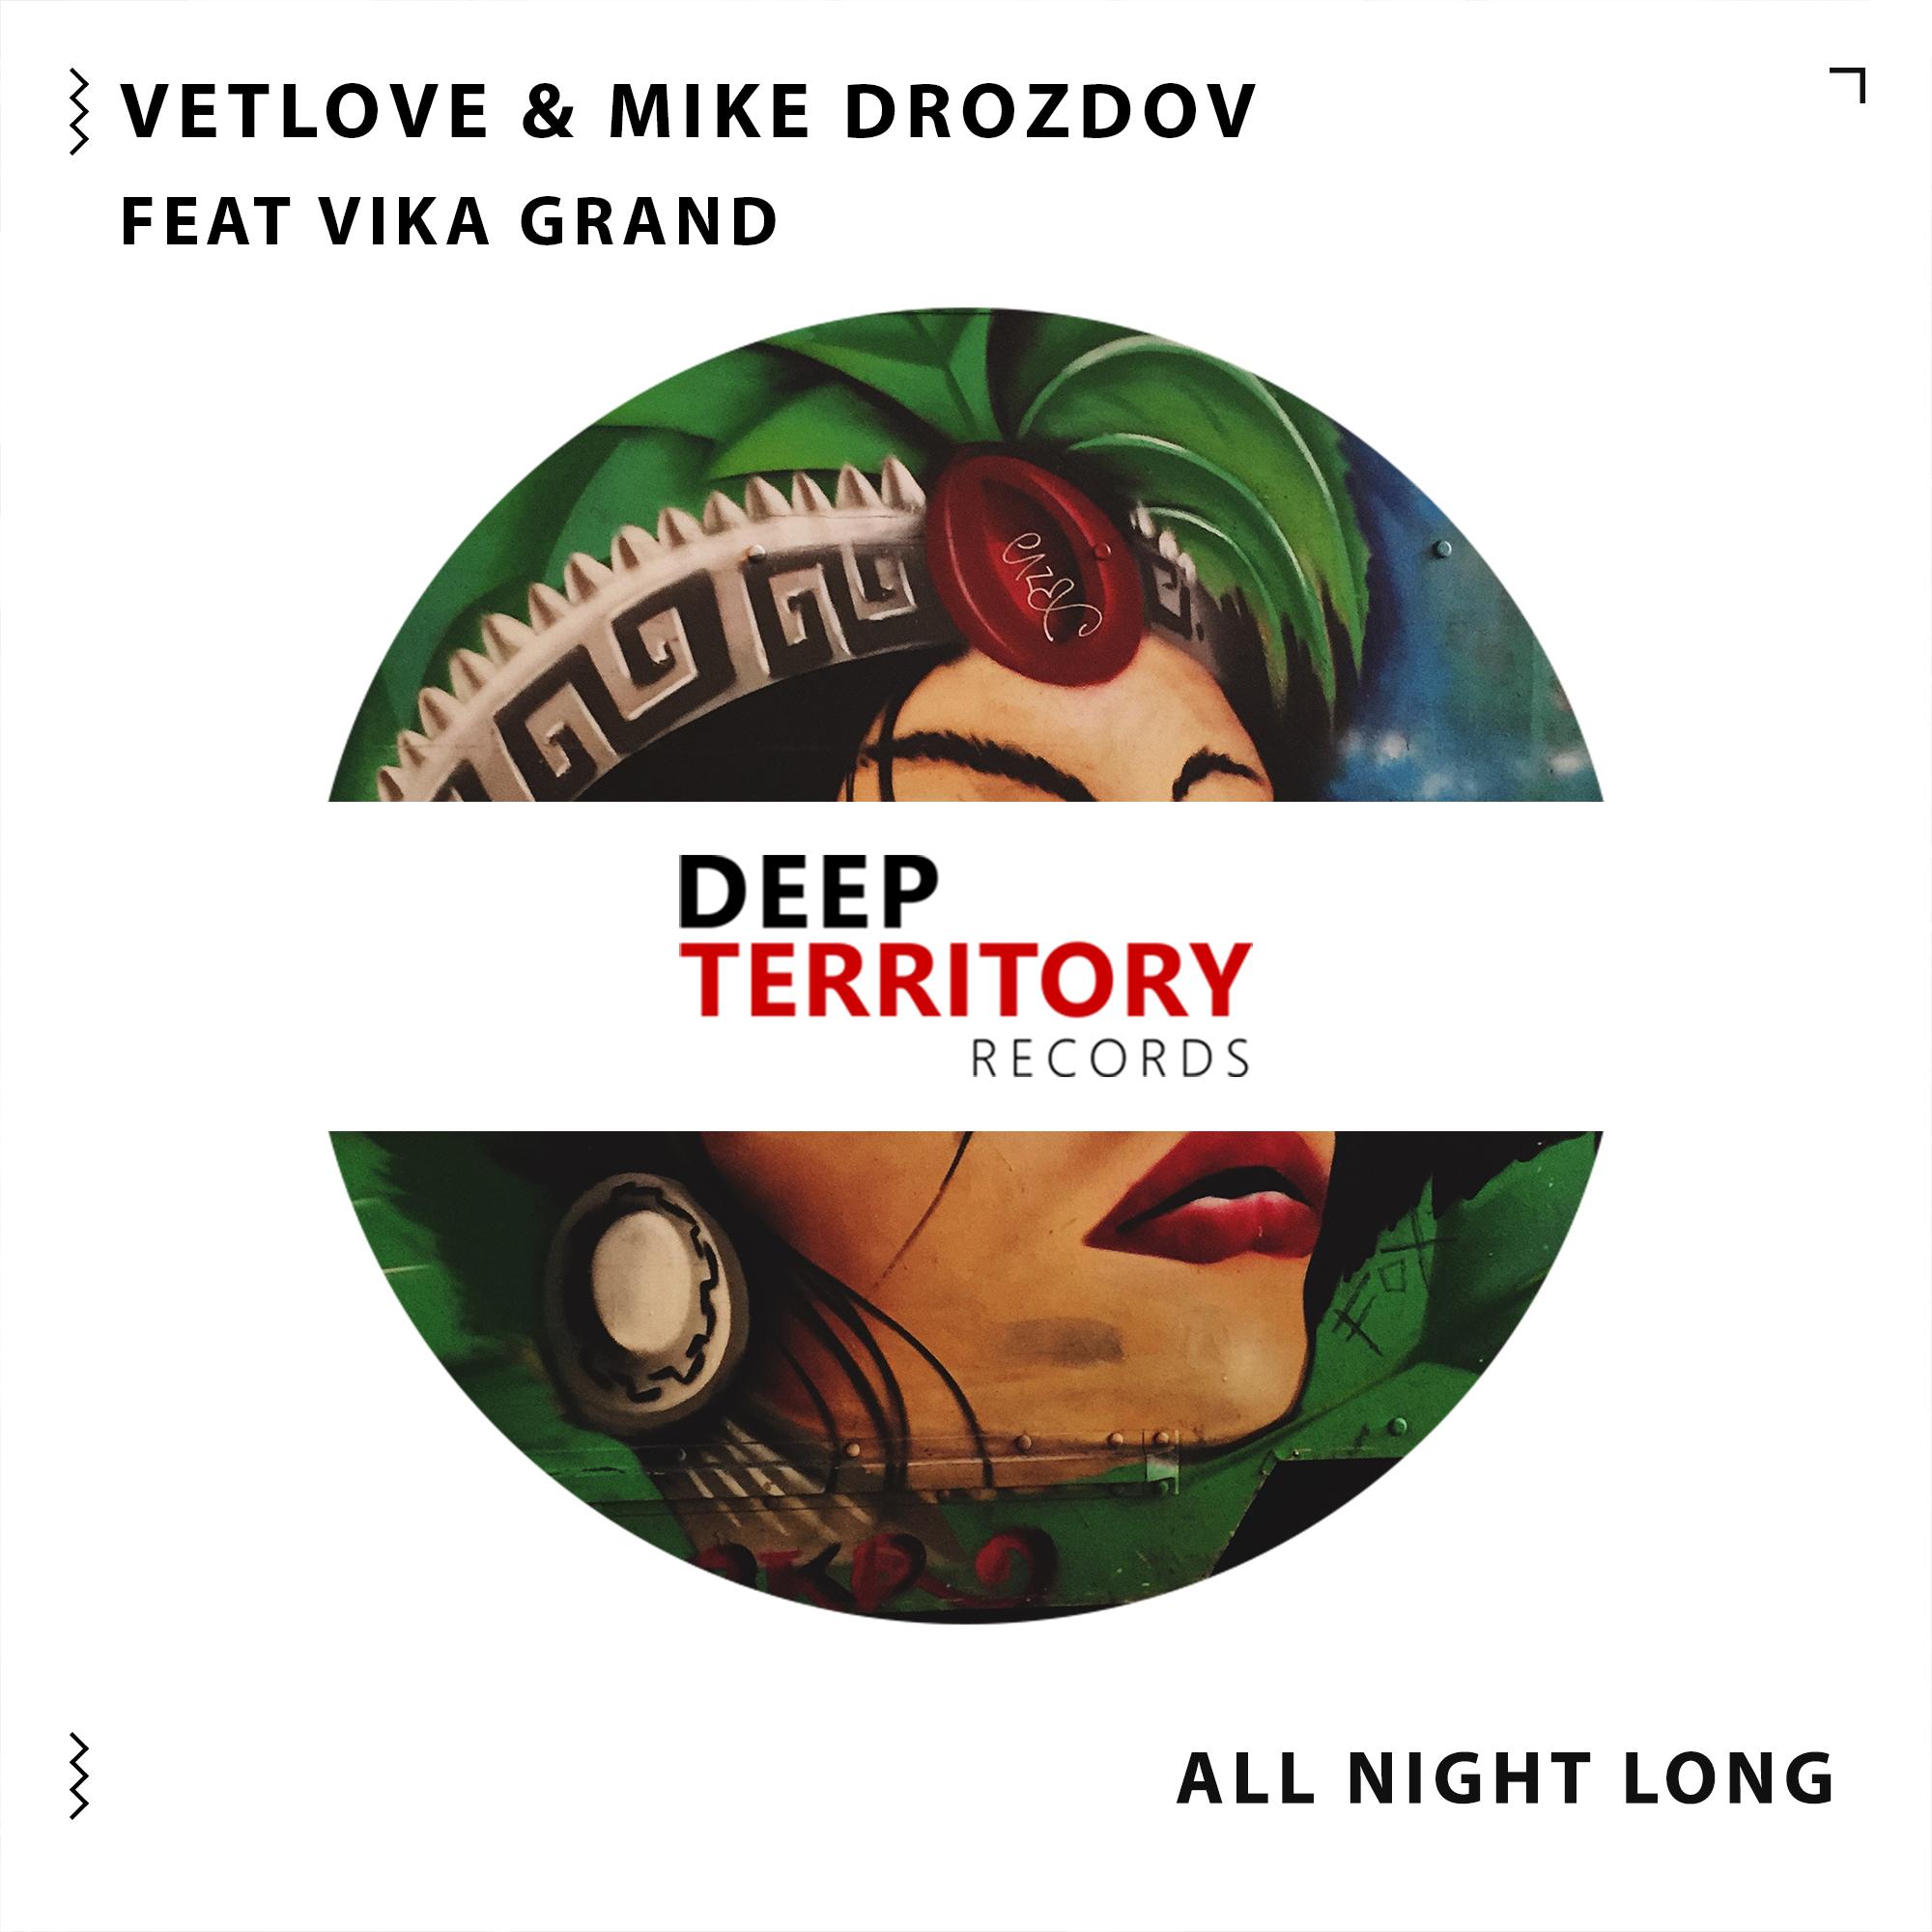 Vetlove & Mike Drozdov